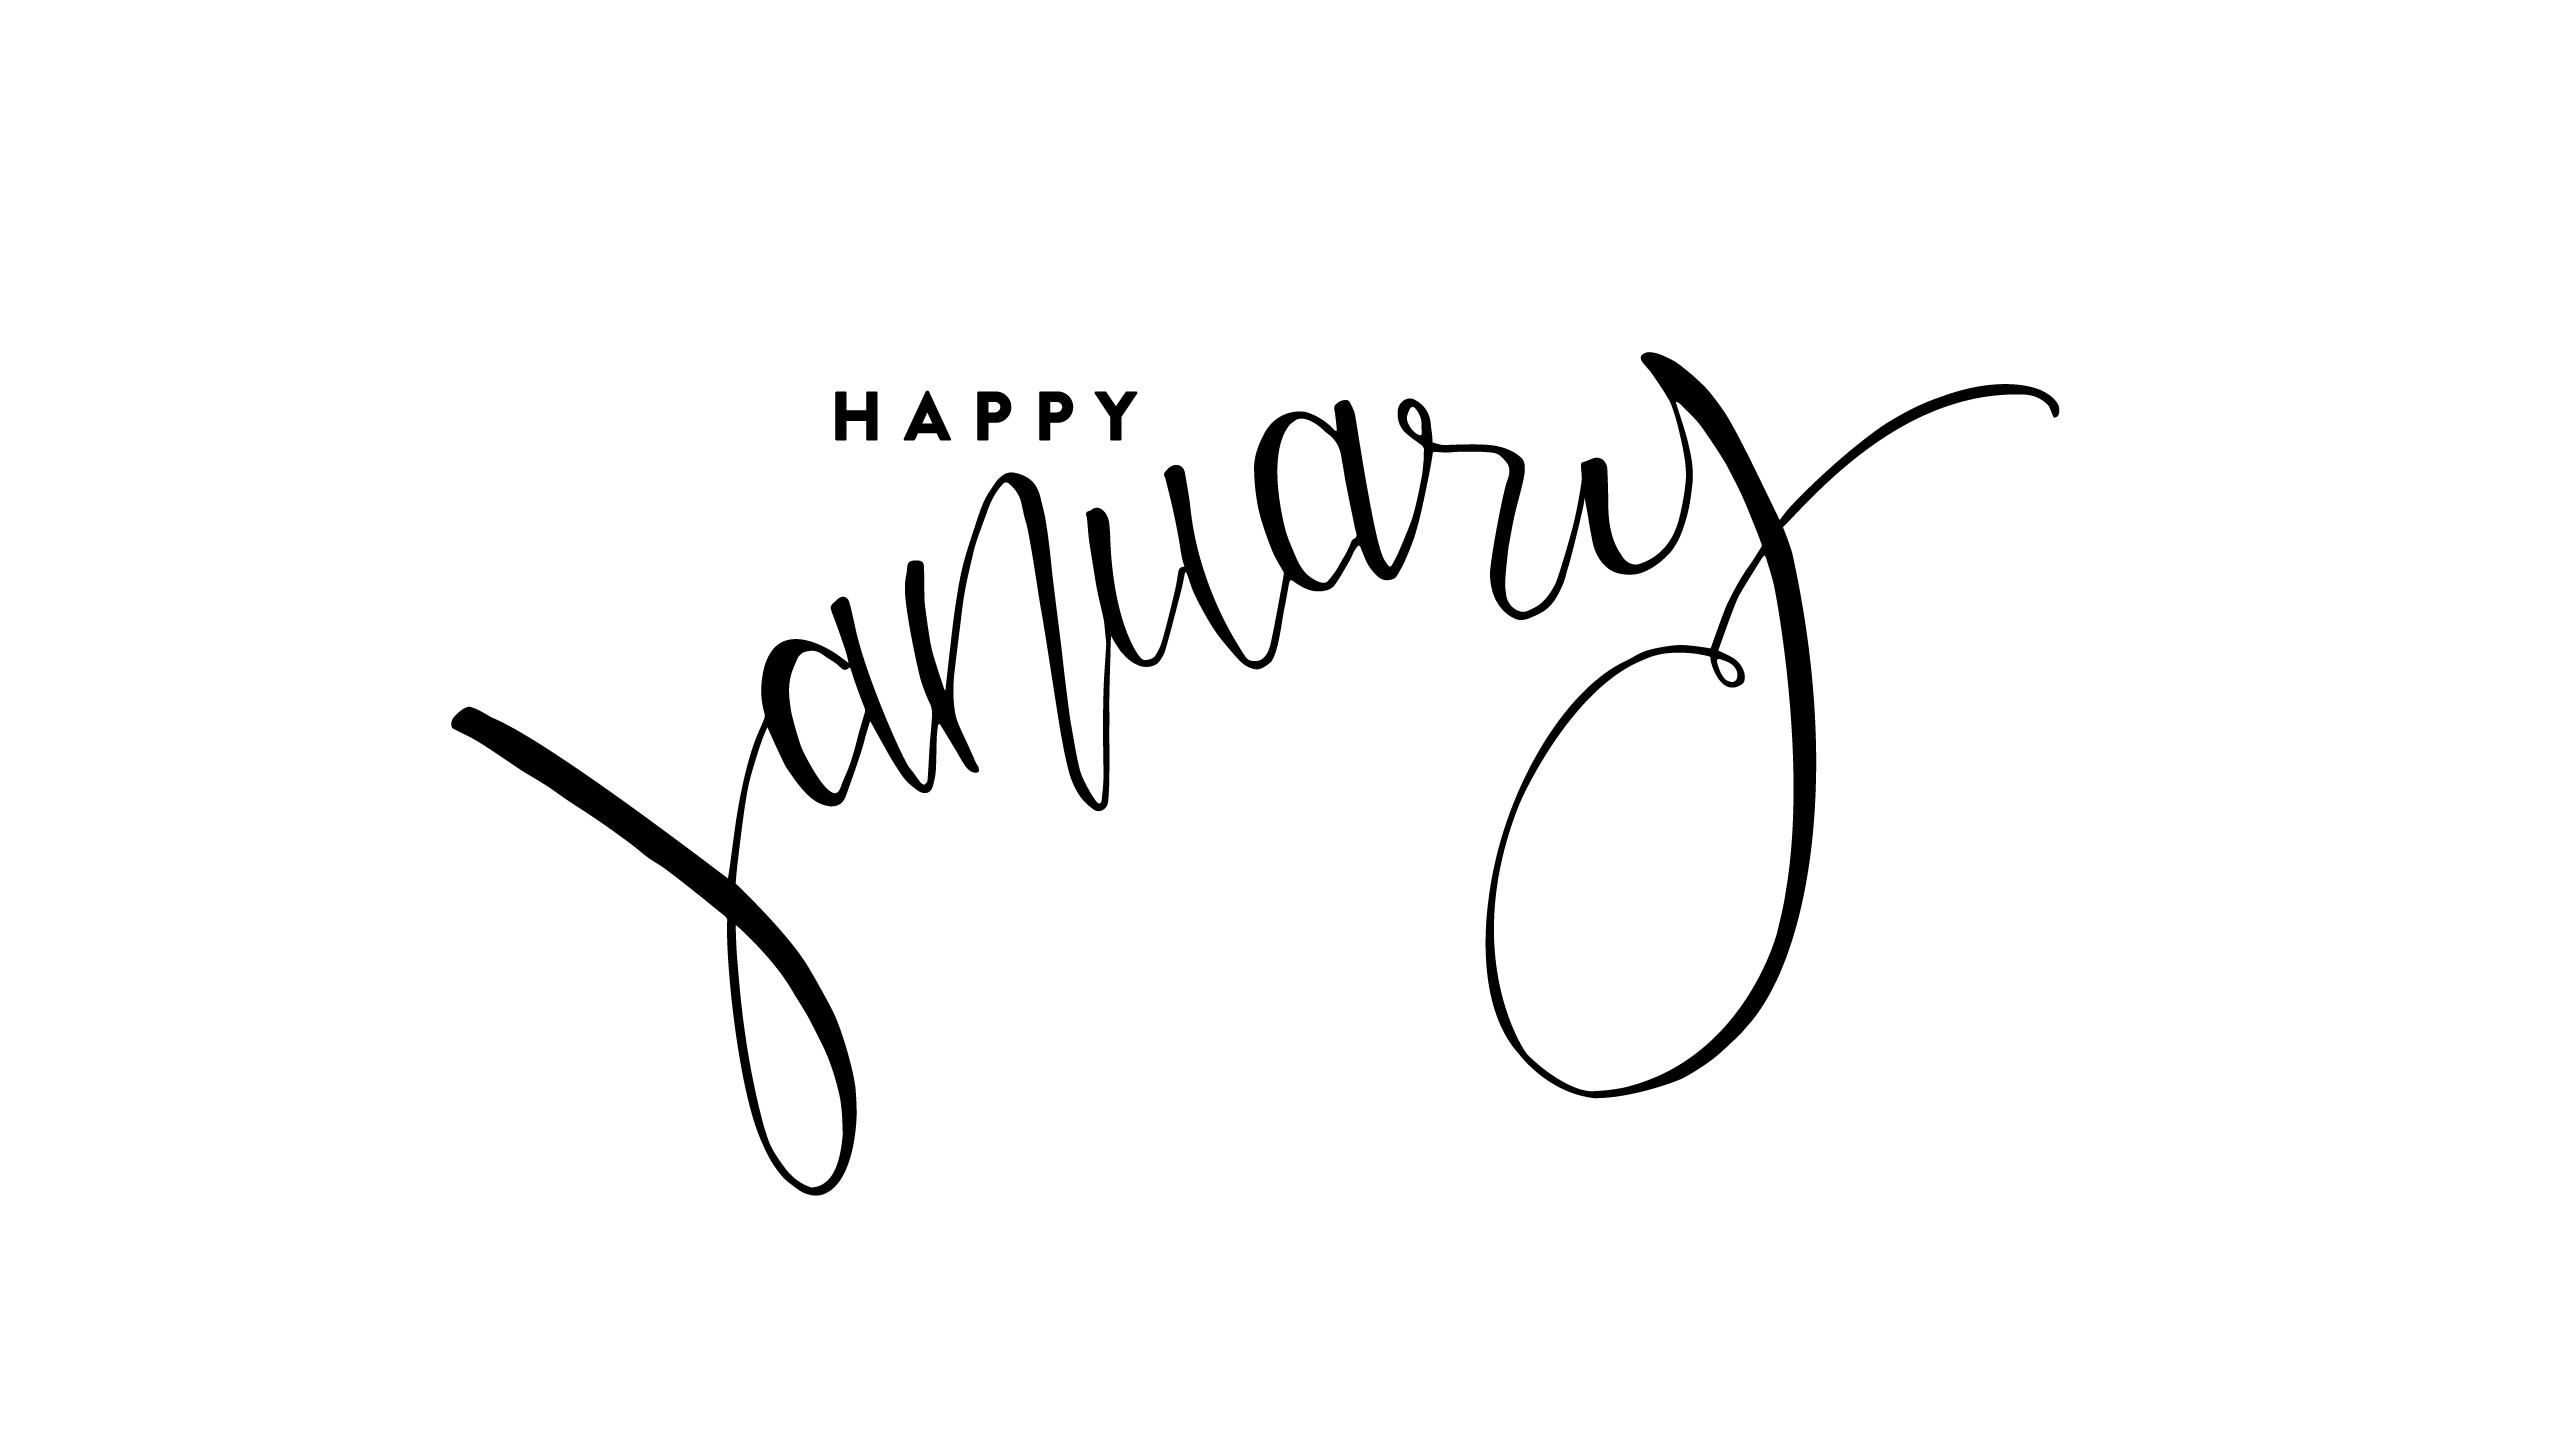 Happy January Desktop Amp Phone Wallpaper